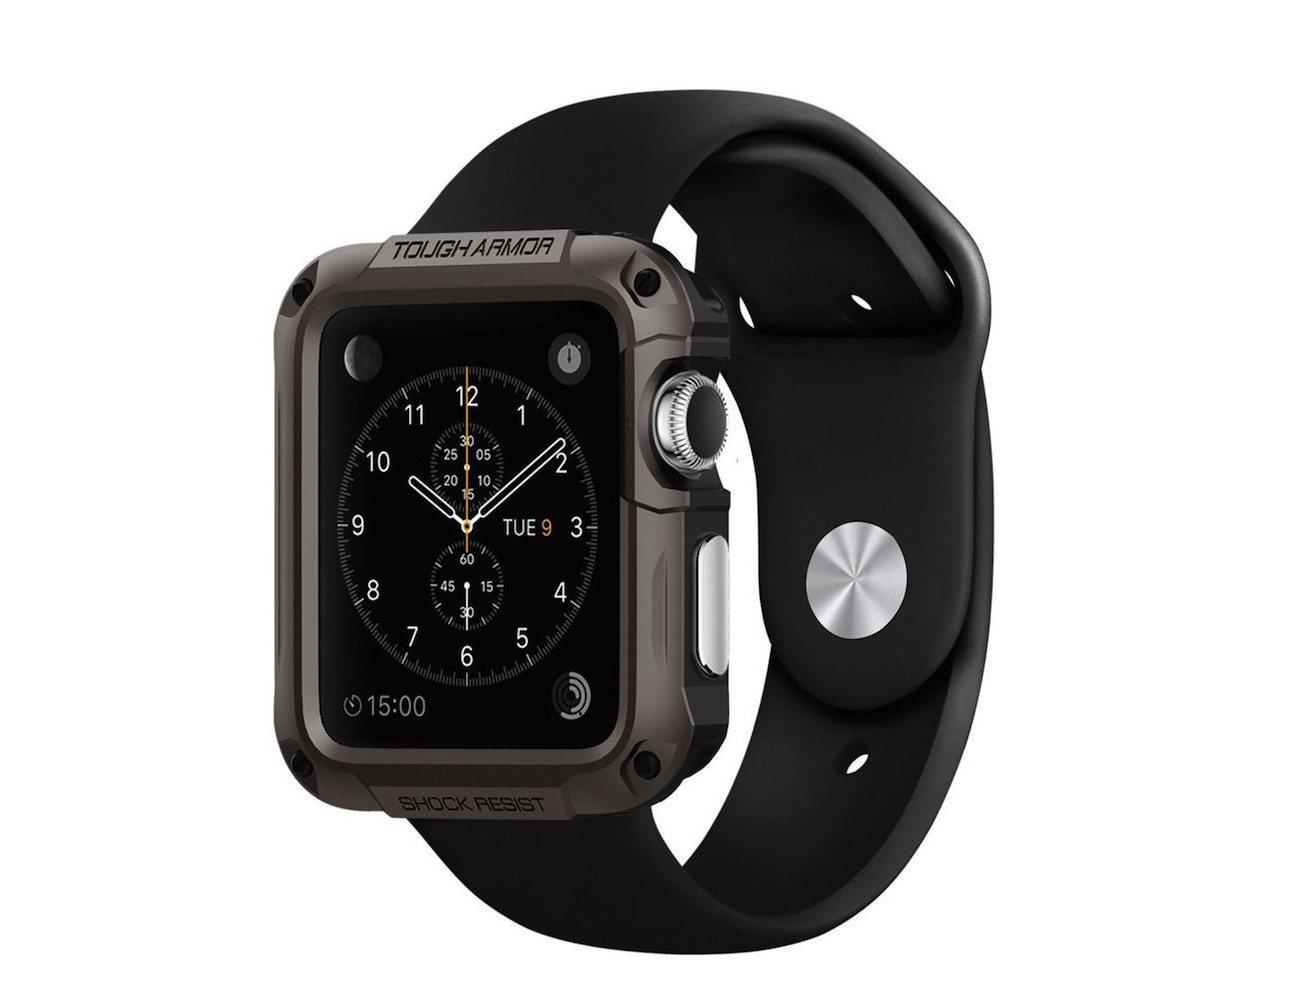 Tough Armor Case for the Apple Watch by Spigen » Gadget Flow